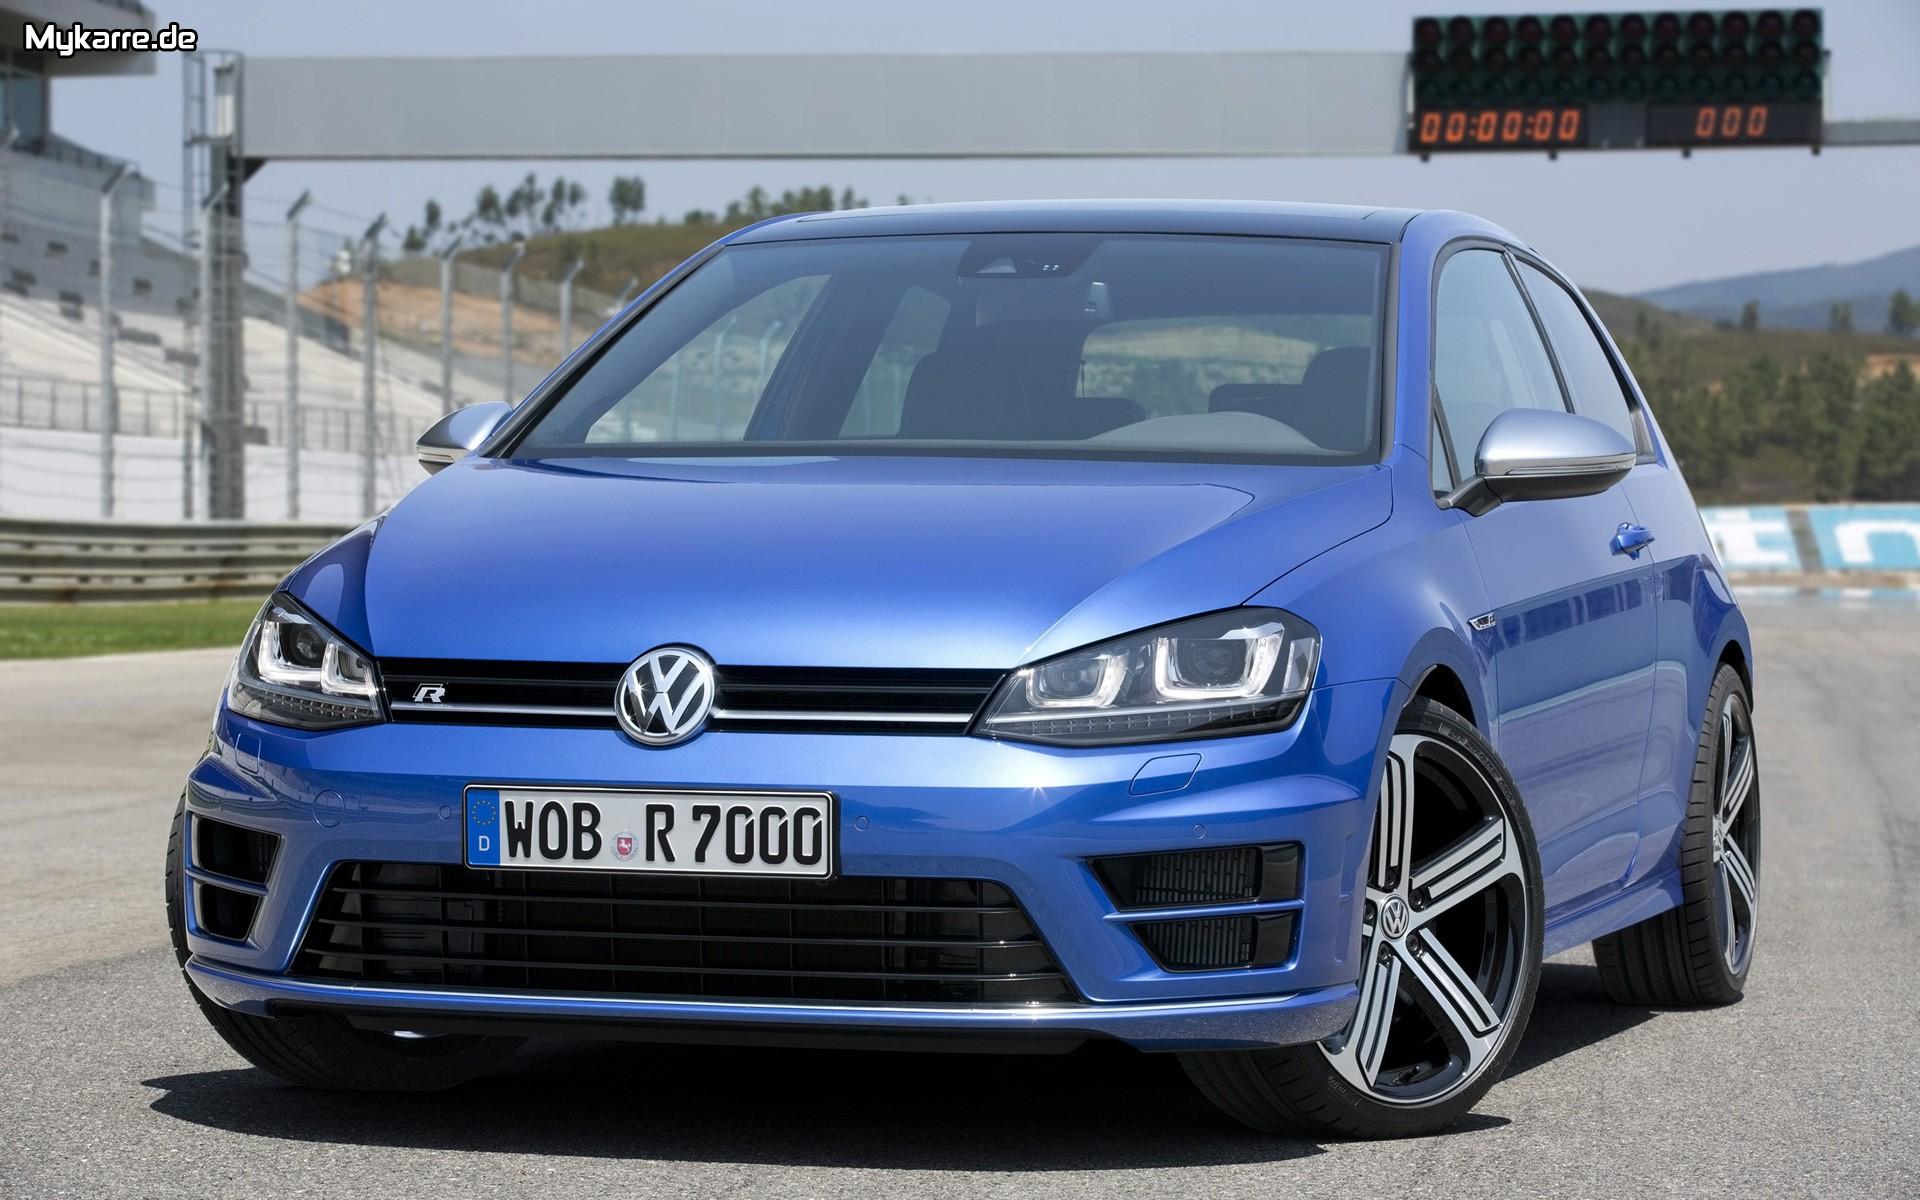 Volkswagen Golf R Wallpaper 2014 Frontansicht Auto Tuning News 1920x1200